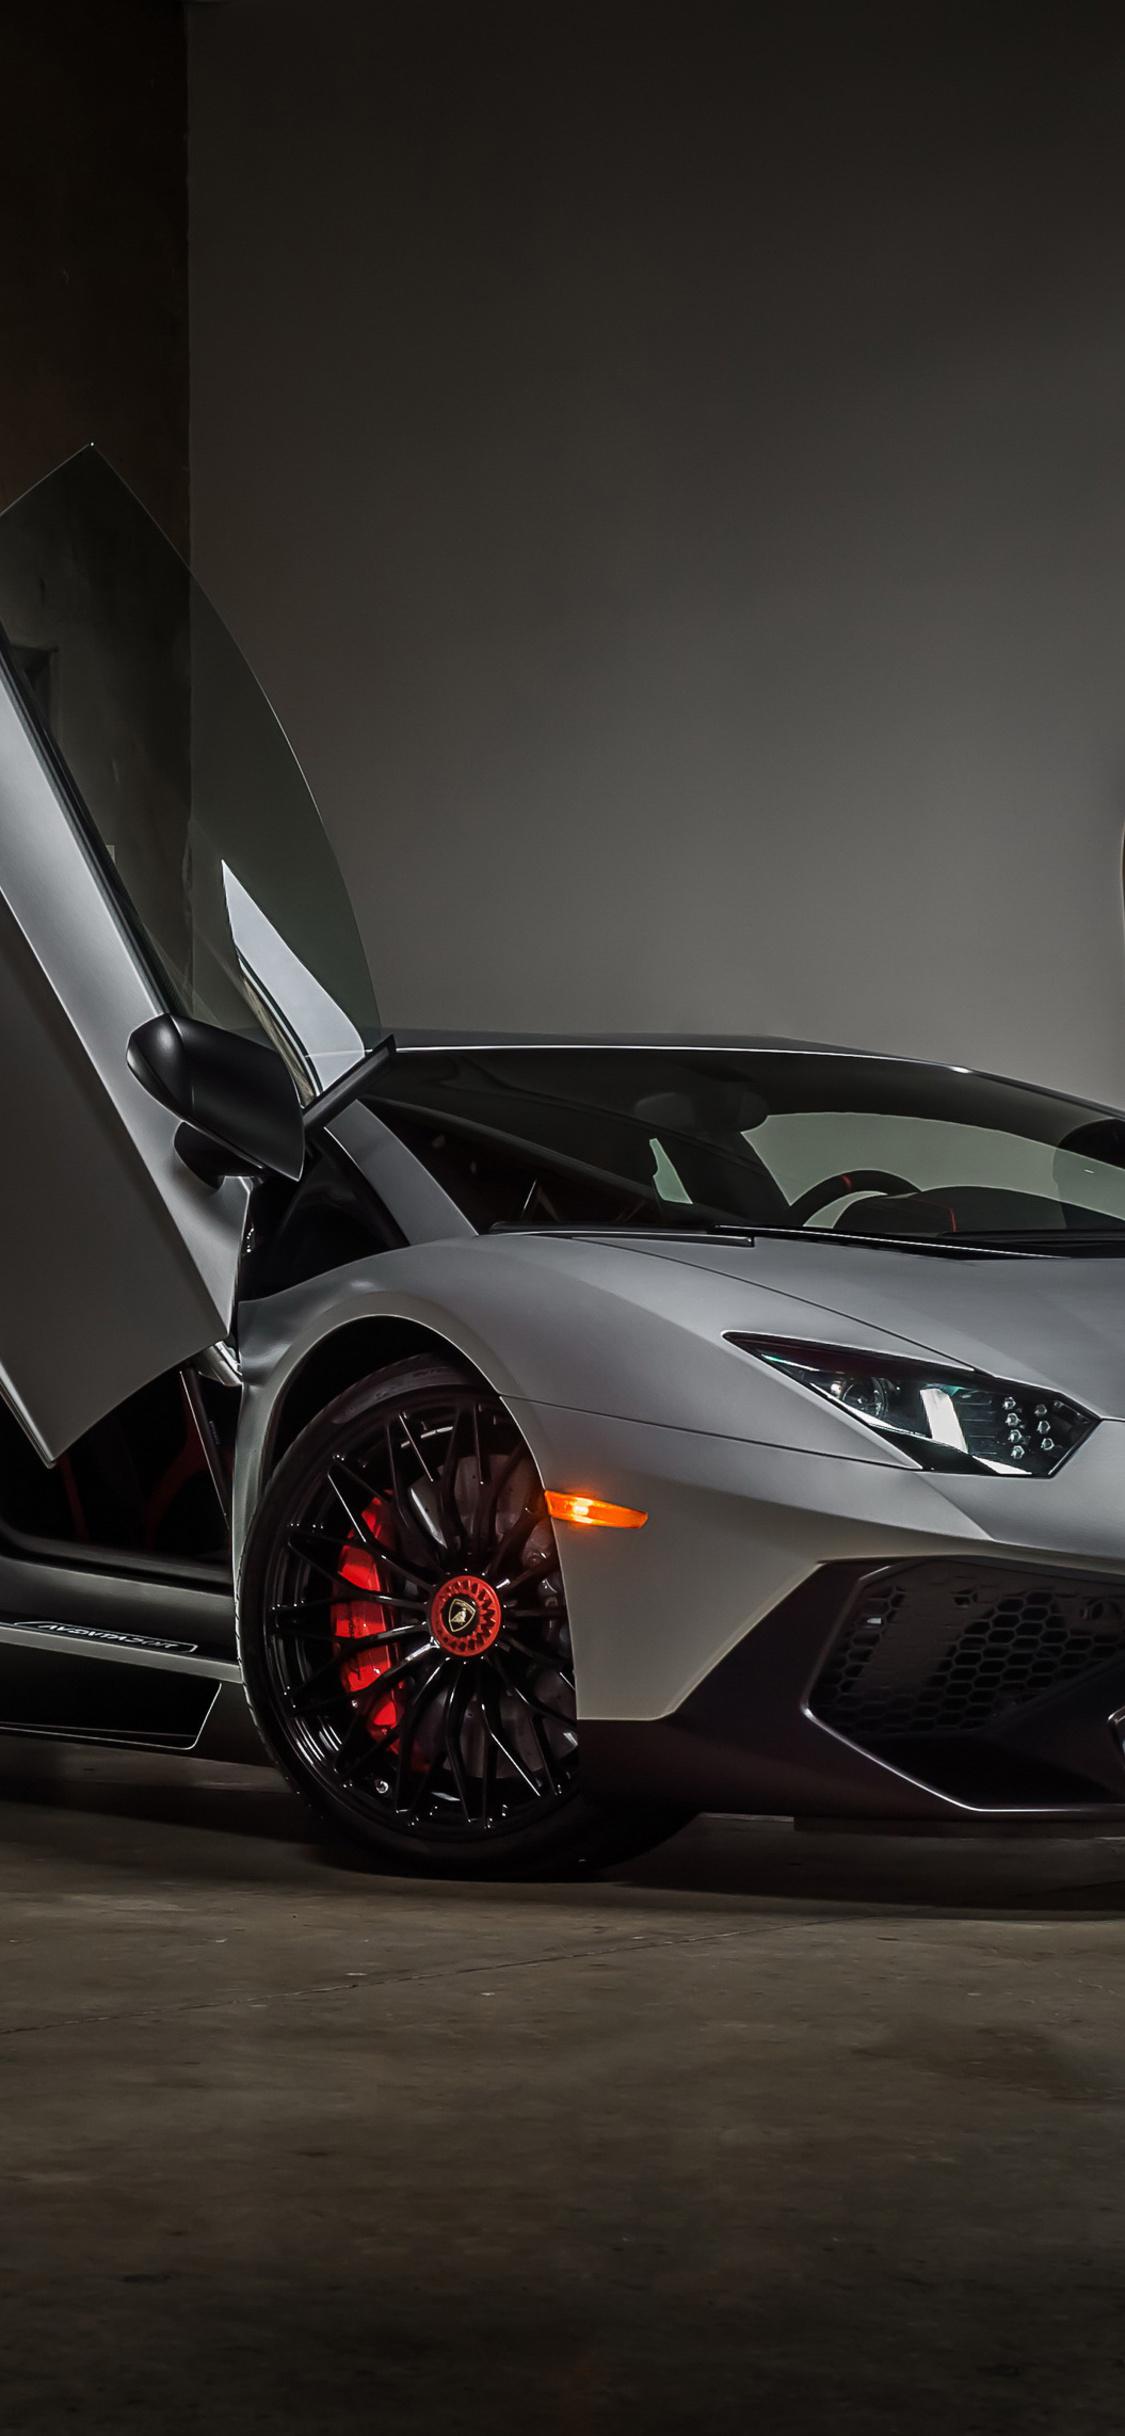 Lamborghini Aventador Lp 750 Superveloce Cl